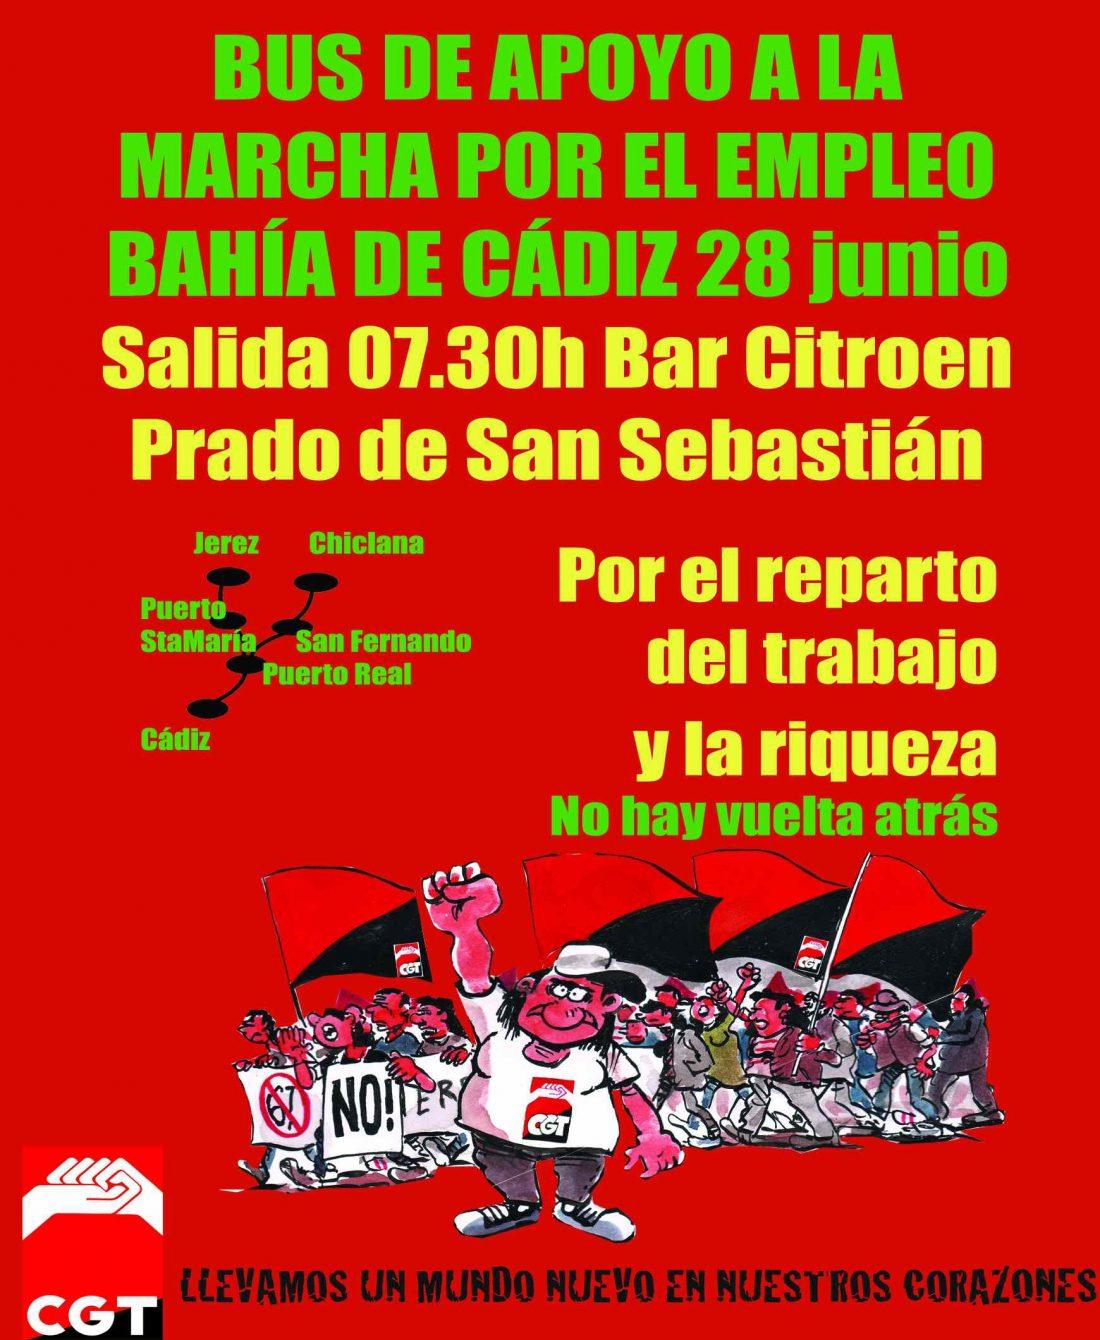 Empieza la Marcha por el Empleo en Cádiz